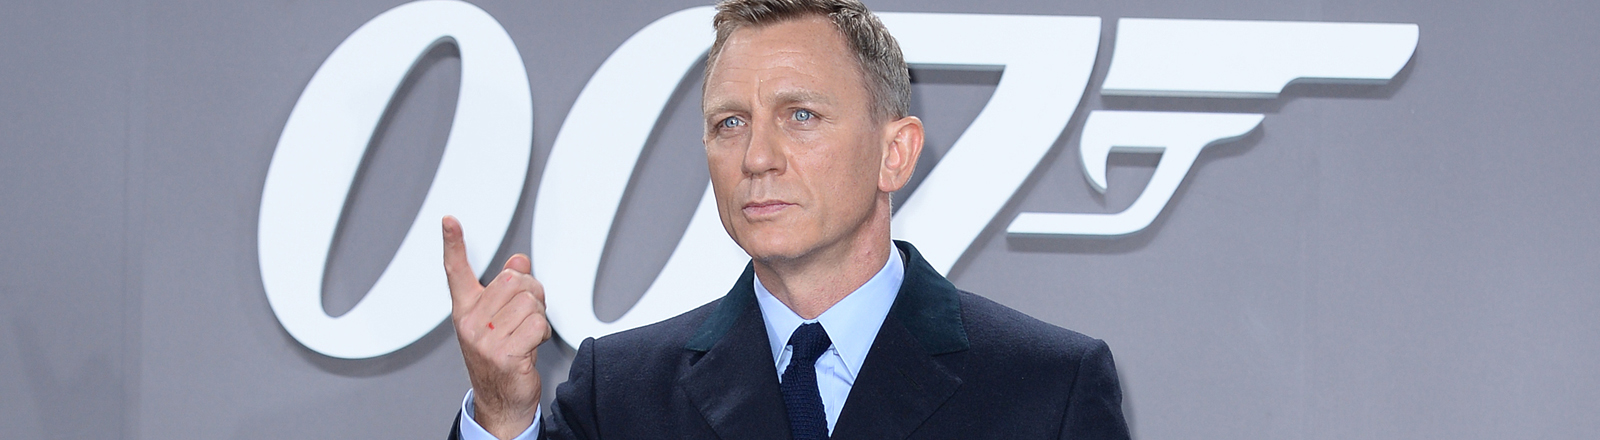 Daniel Craig als James Bond. dpa